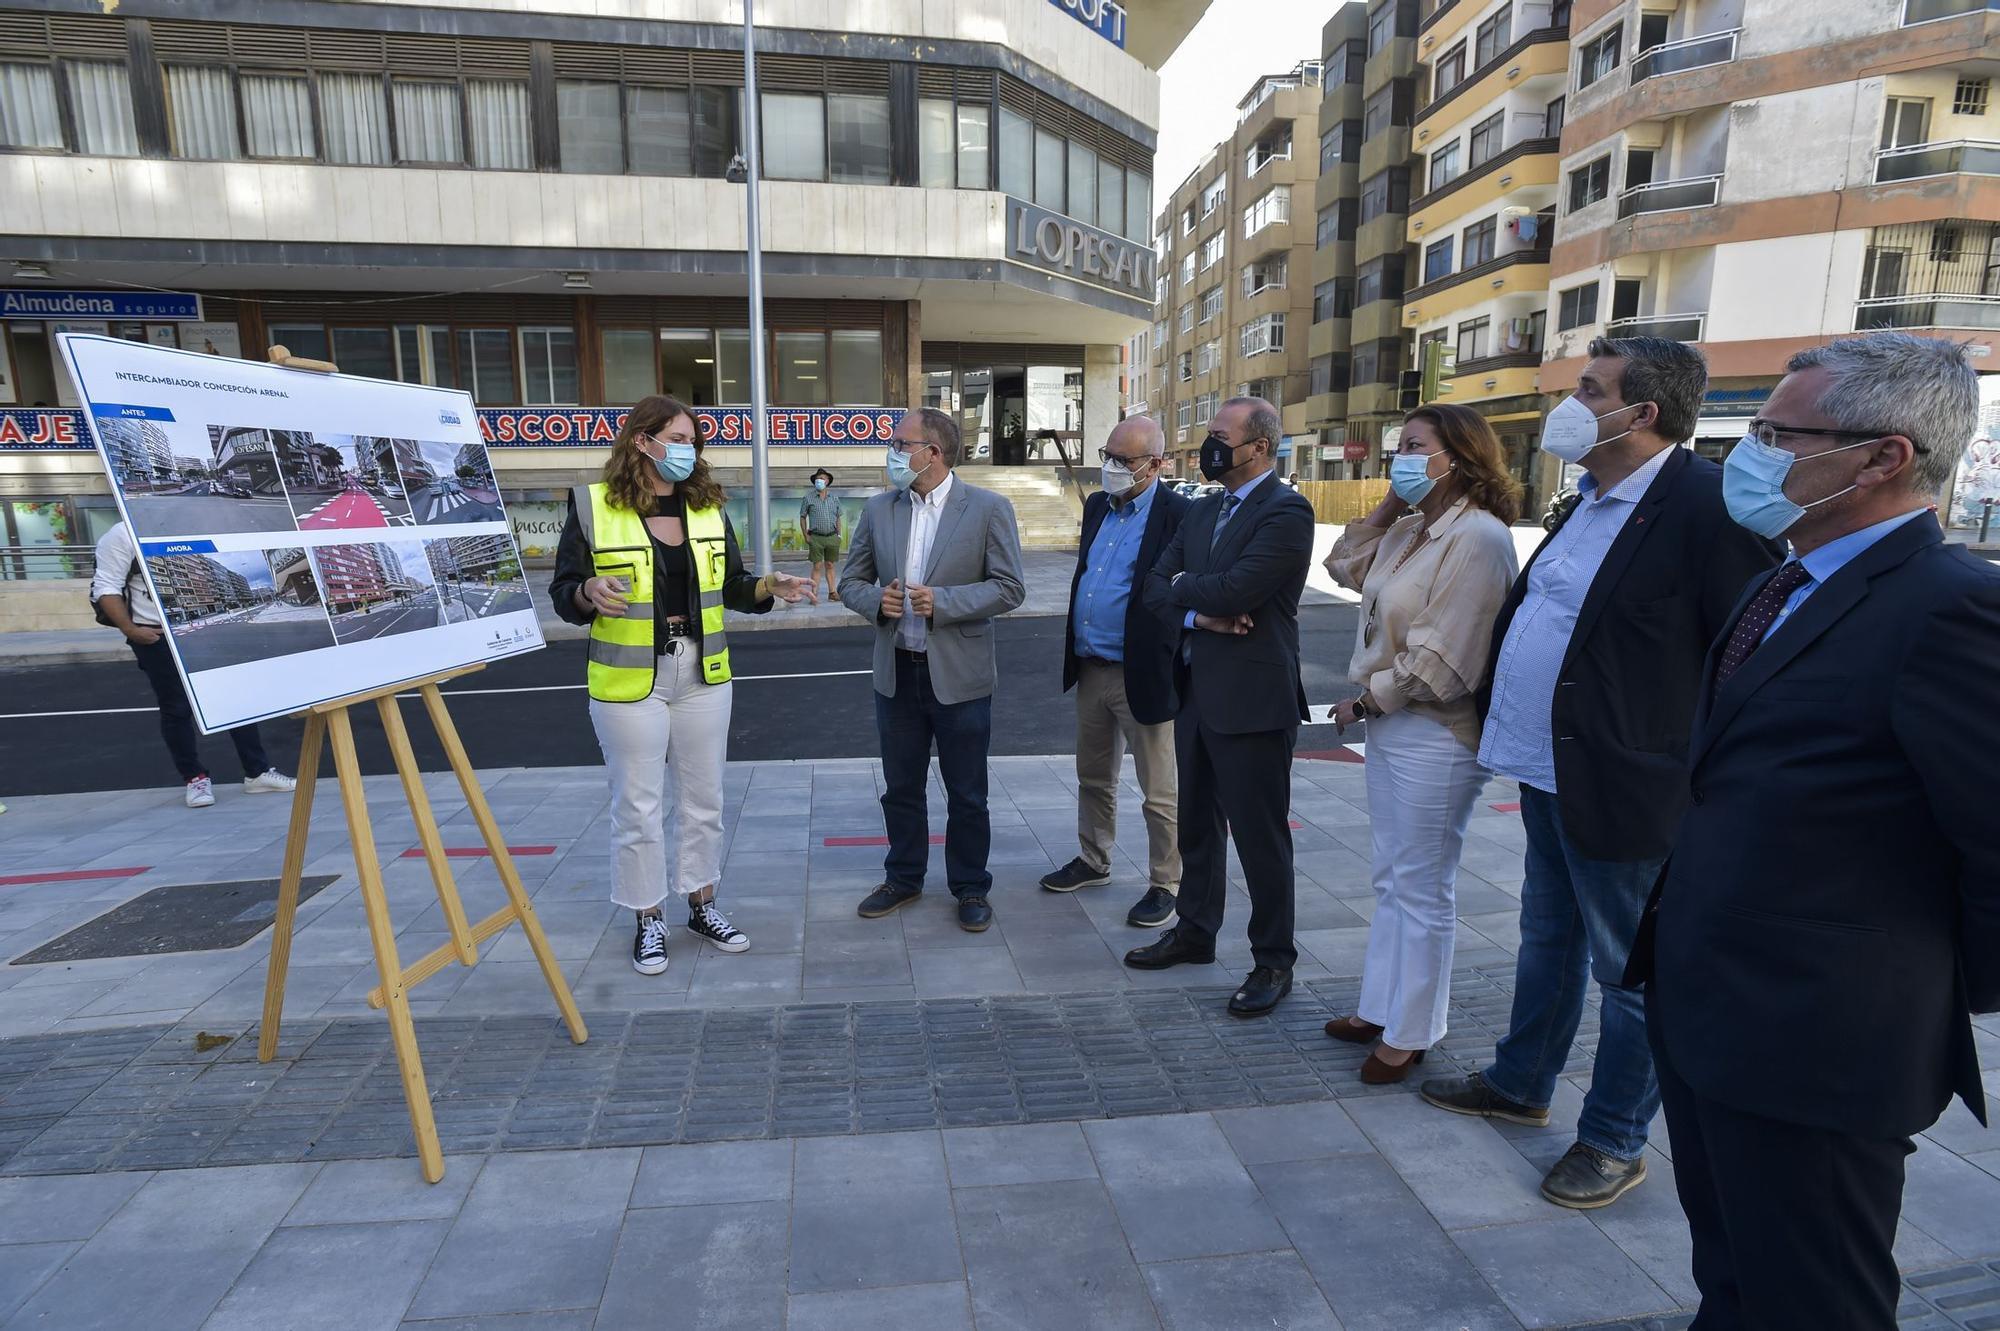 El Ayuntamiento finaliza las obras del nuevo intercambiador de Concepción Arenal